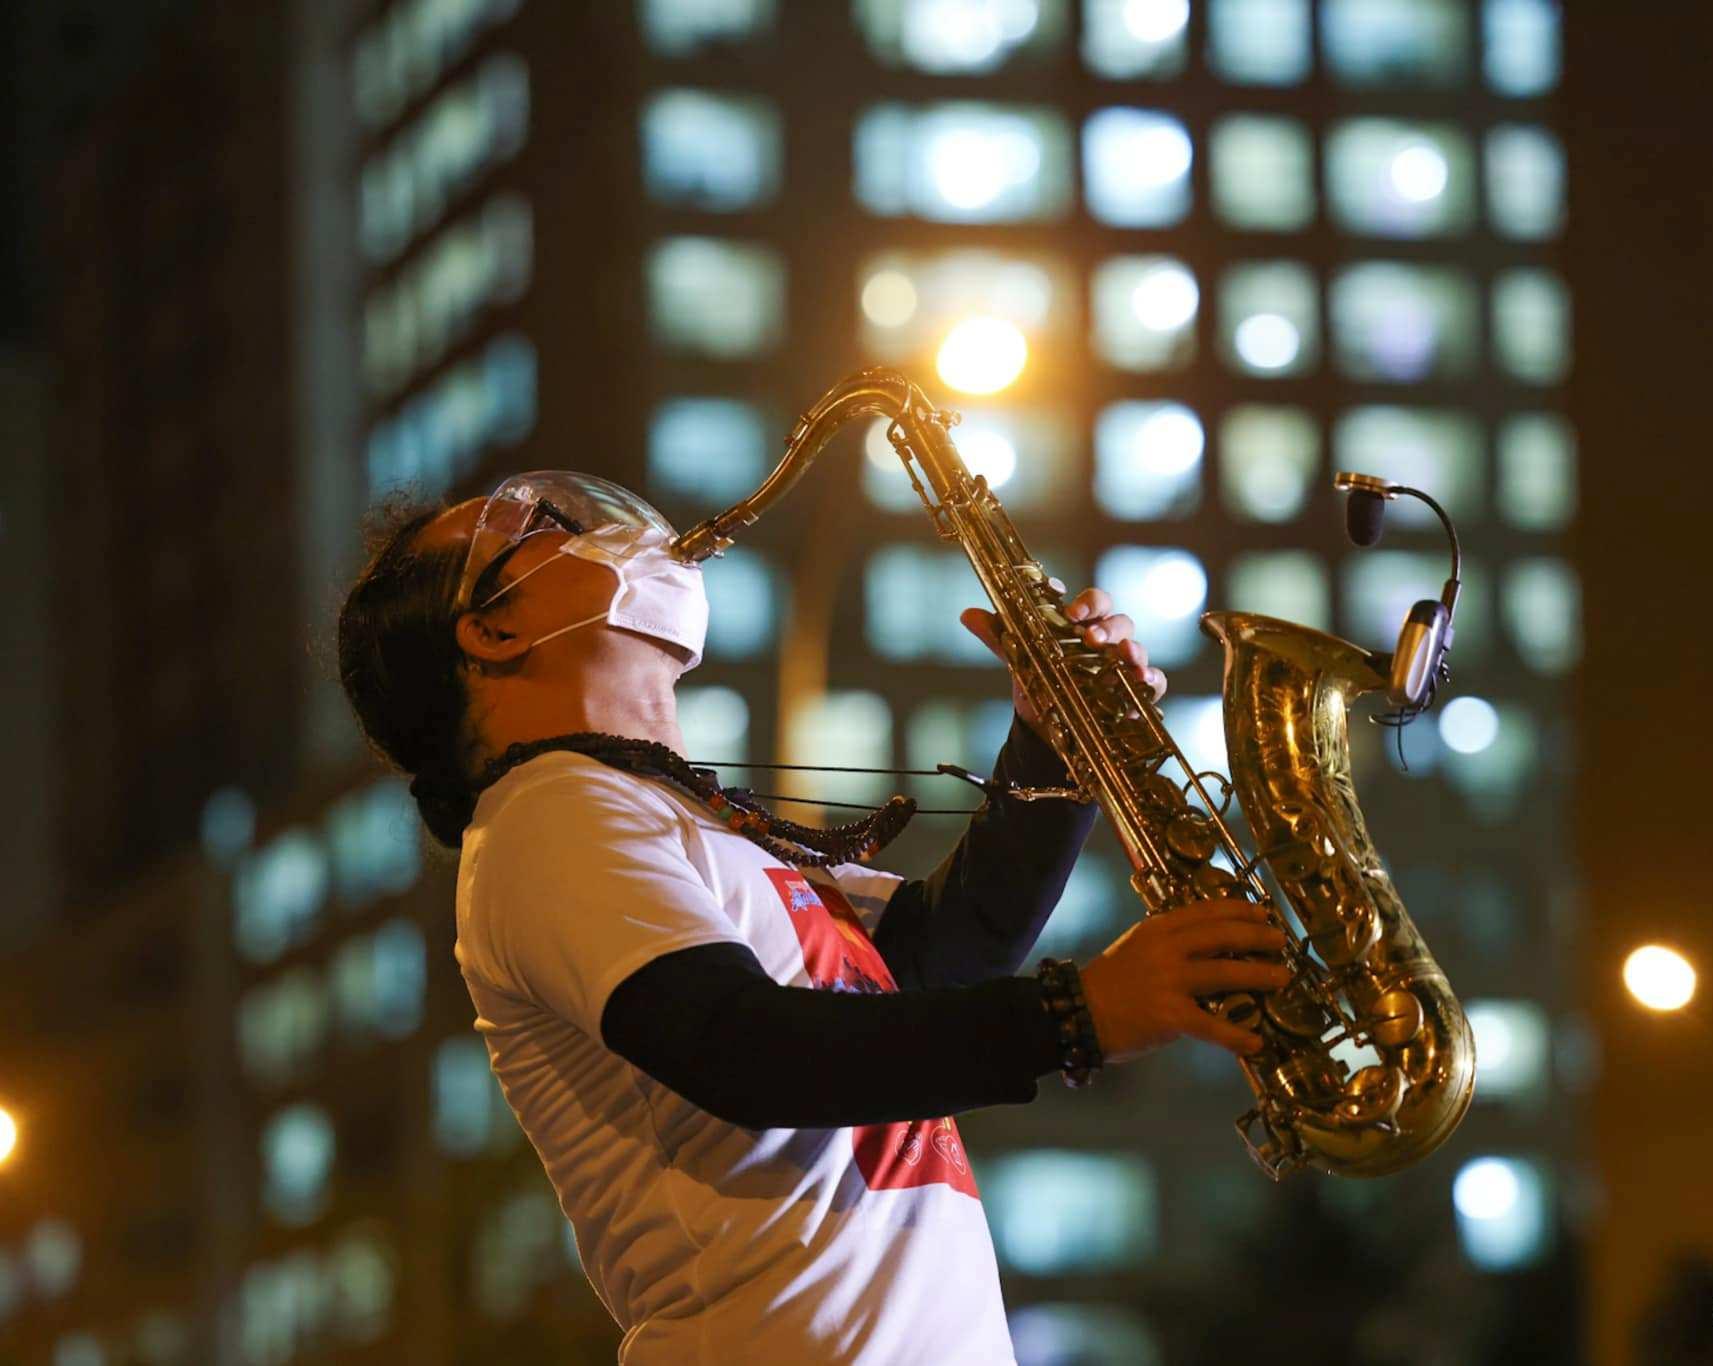 Nghệ sĩ saxophone Trần Mạnh Tuấn mang khẩu trang, biểu diễn động viên tinh thần tại Bệnh viện dã chiến thu dung số 3 - Ảnh 3